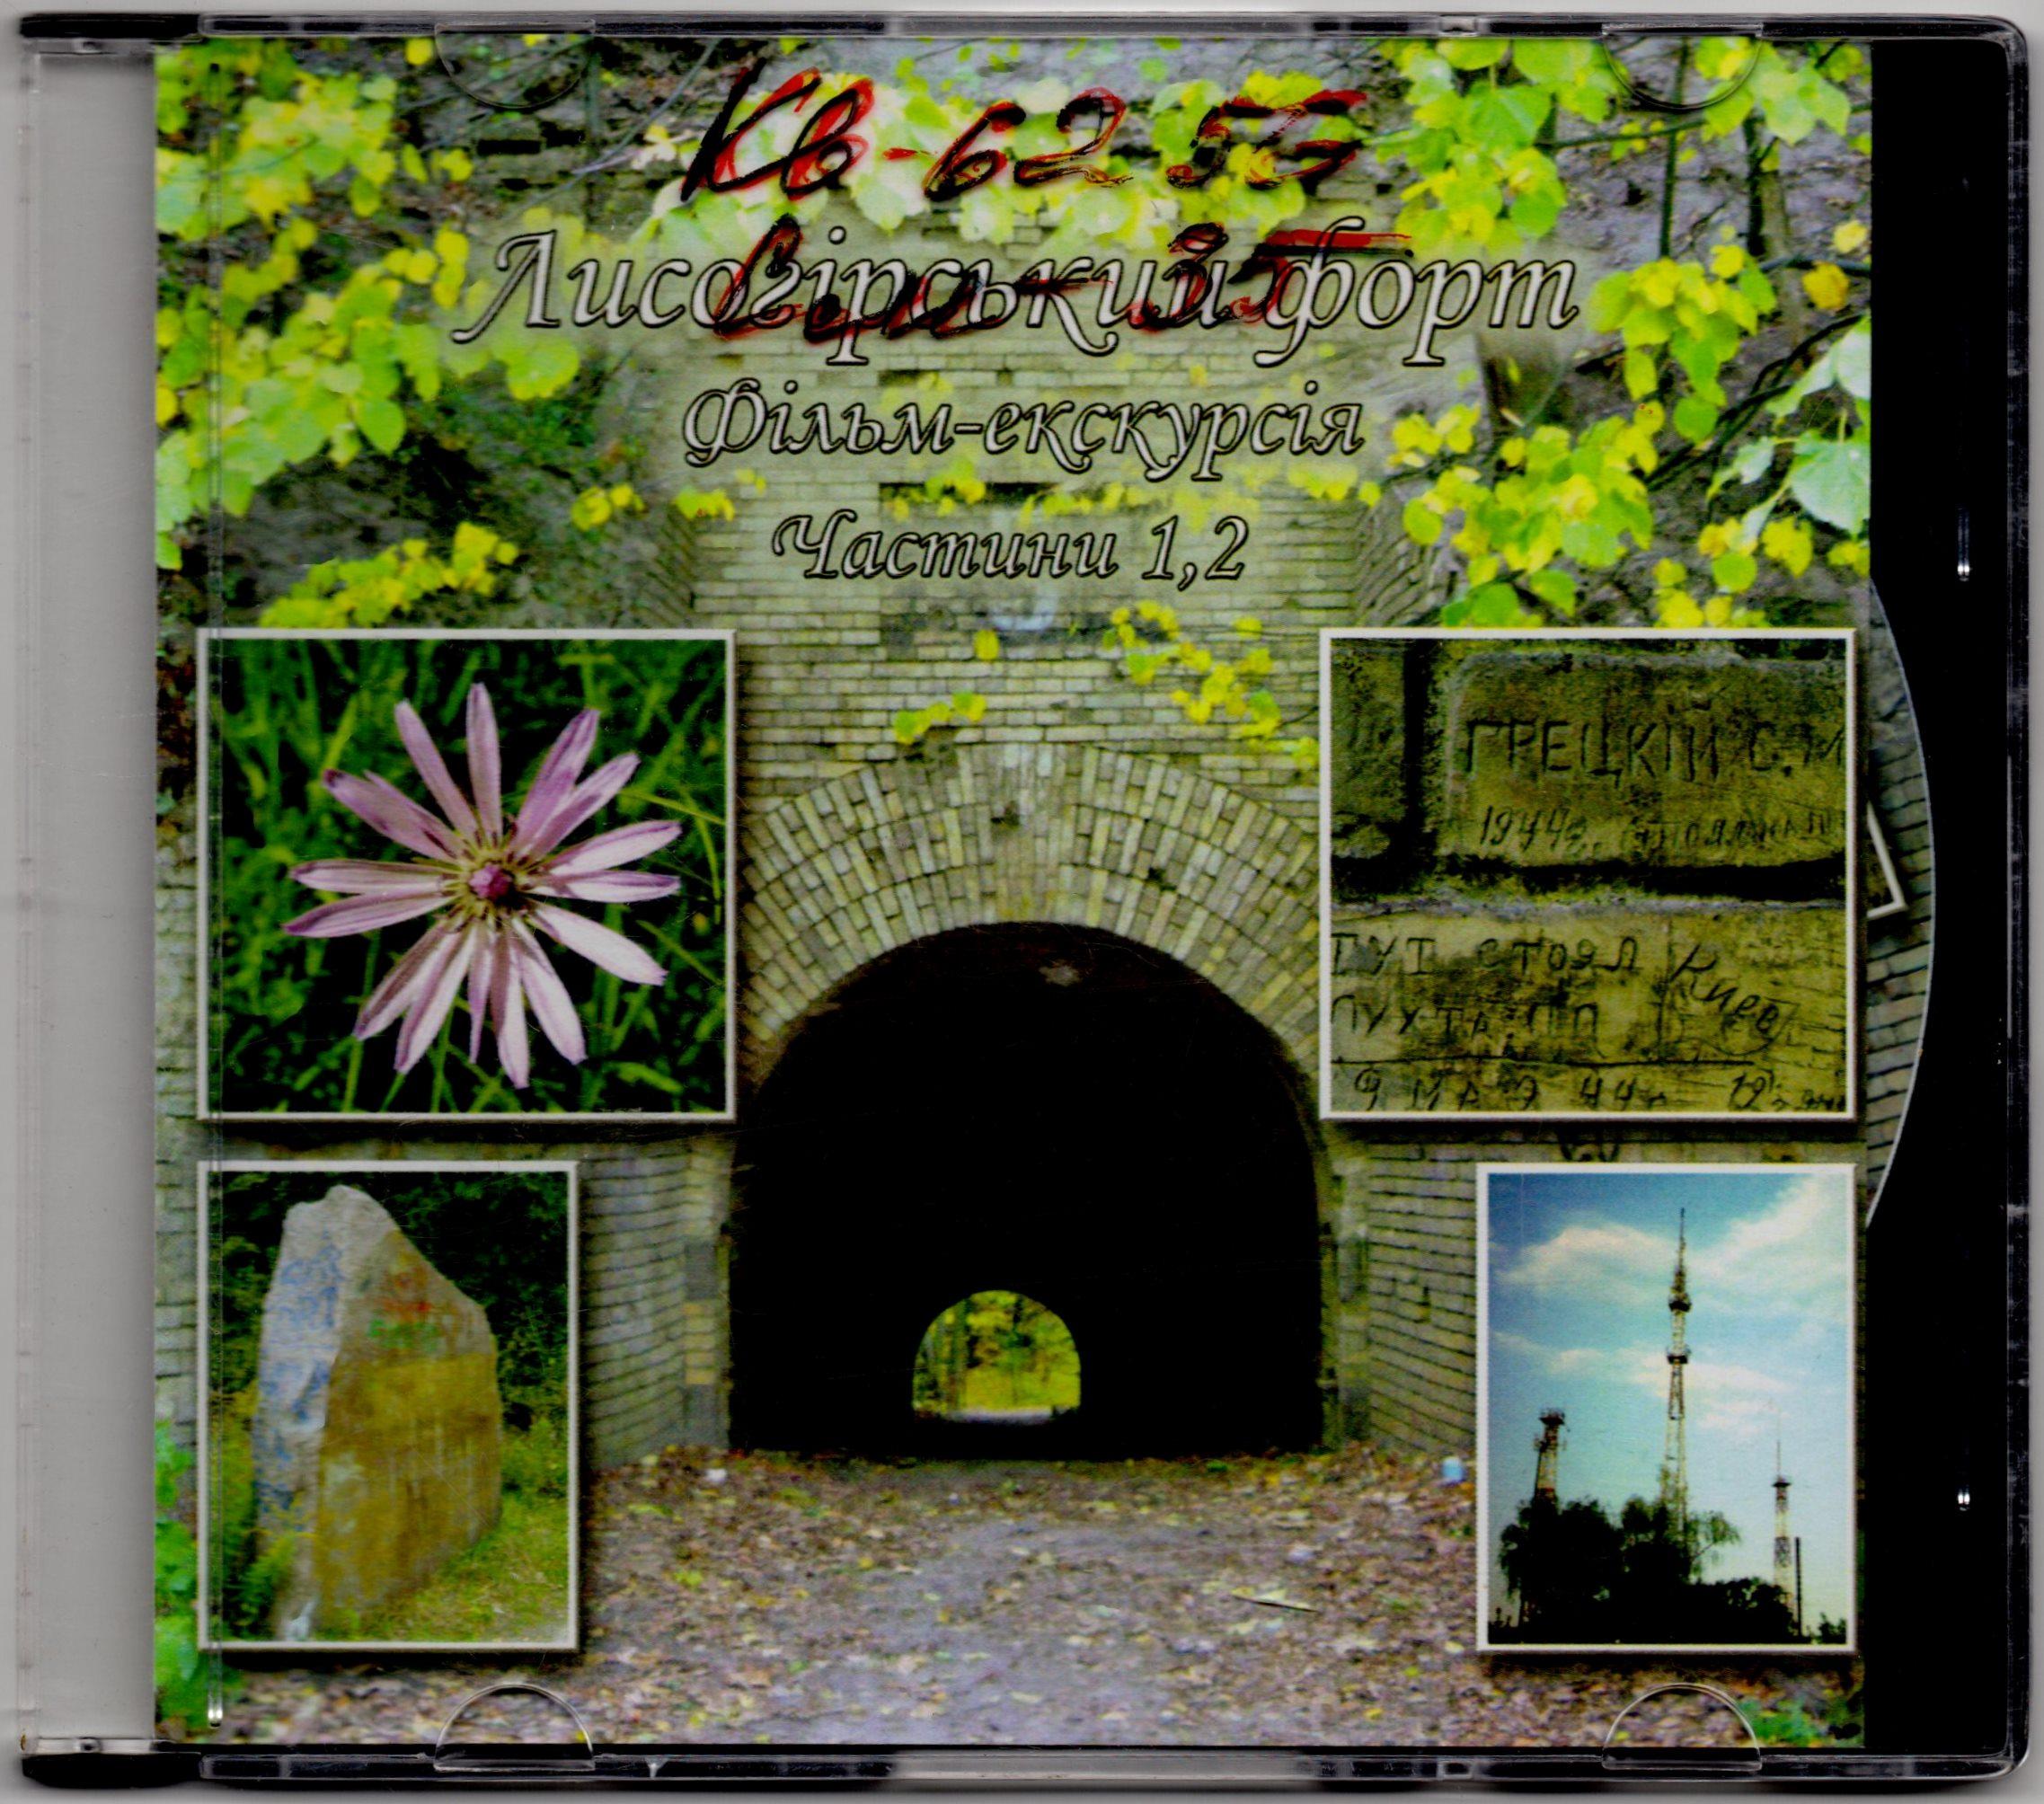 """DVD-диск """"Лисогірський форт. Фільм-екскурсія. Ч. 1-2"""""""